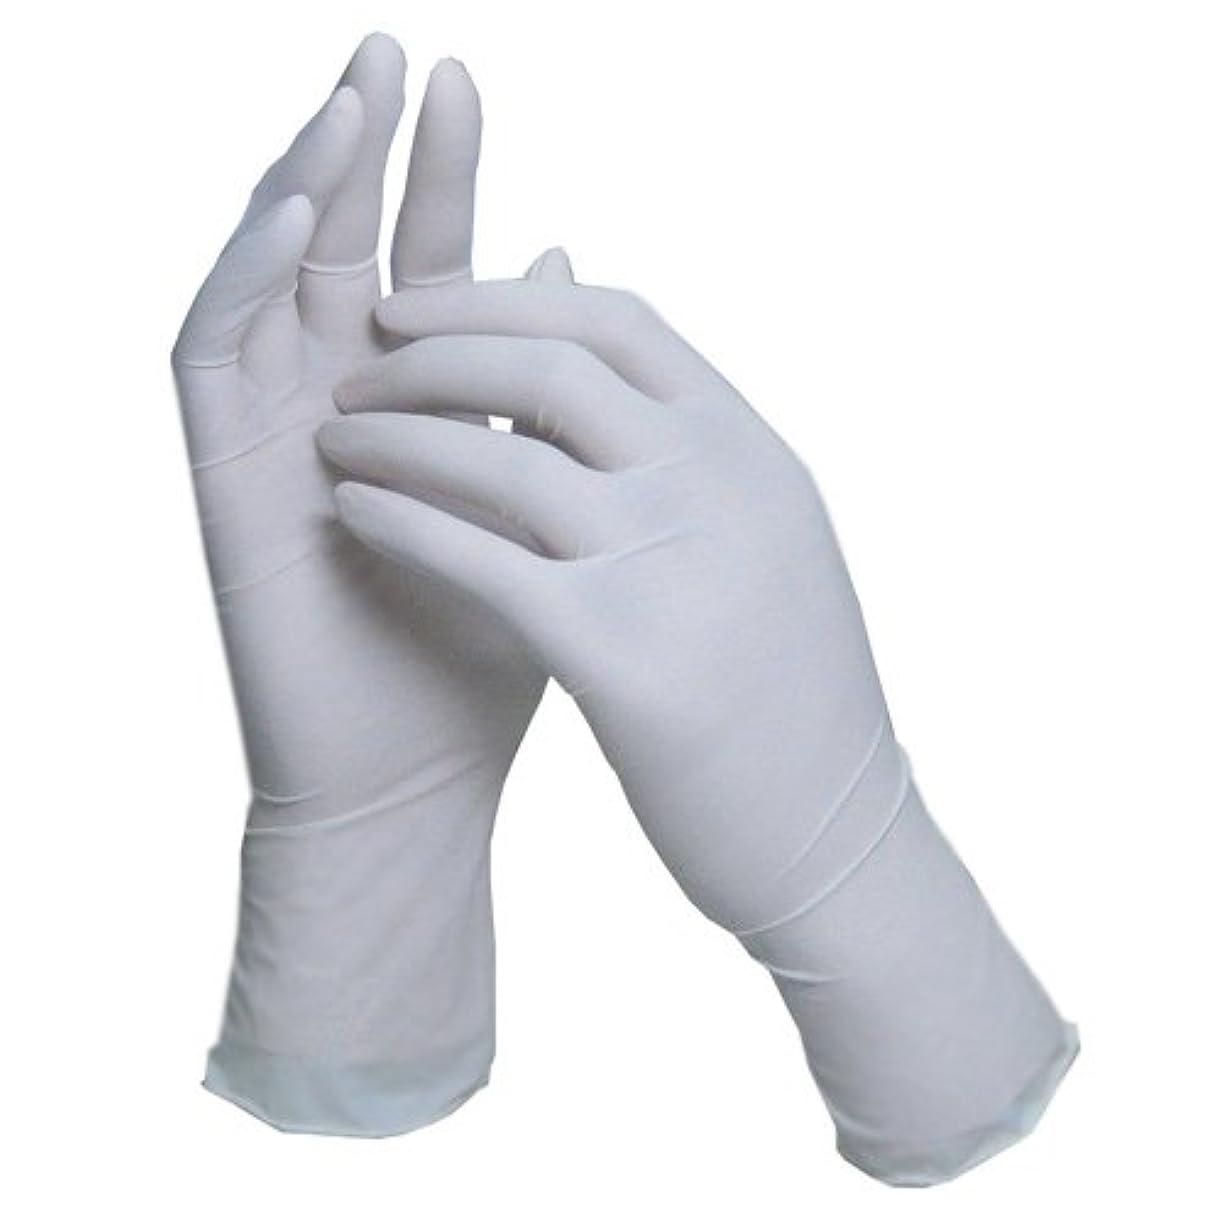 居間強化する配送SL ニトリル手袋(粉付)S 2000枚